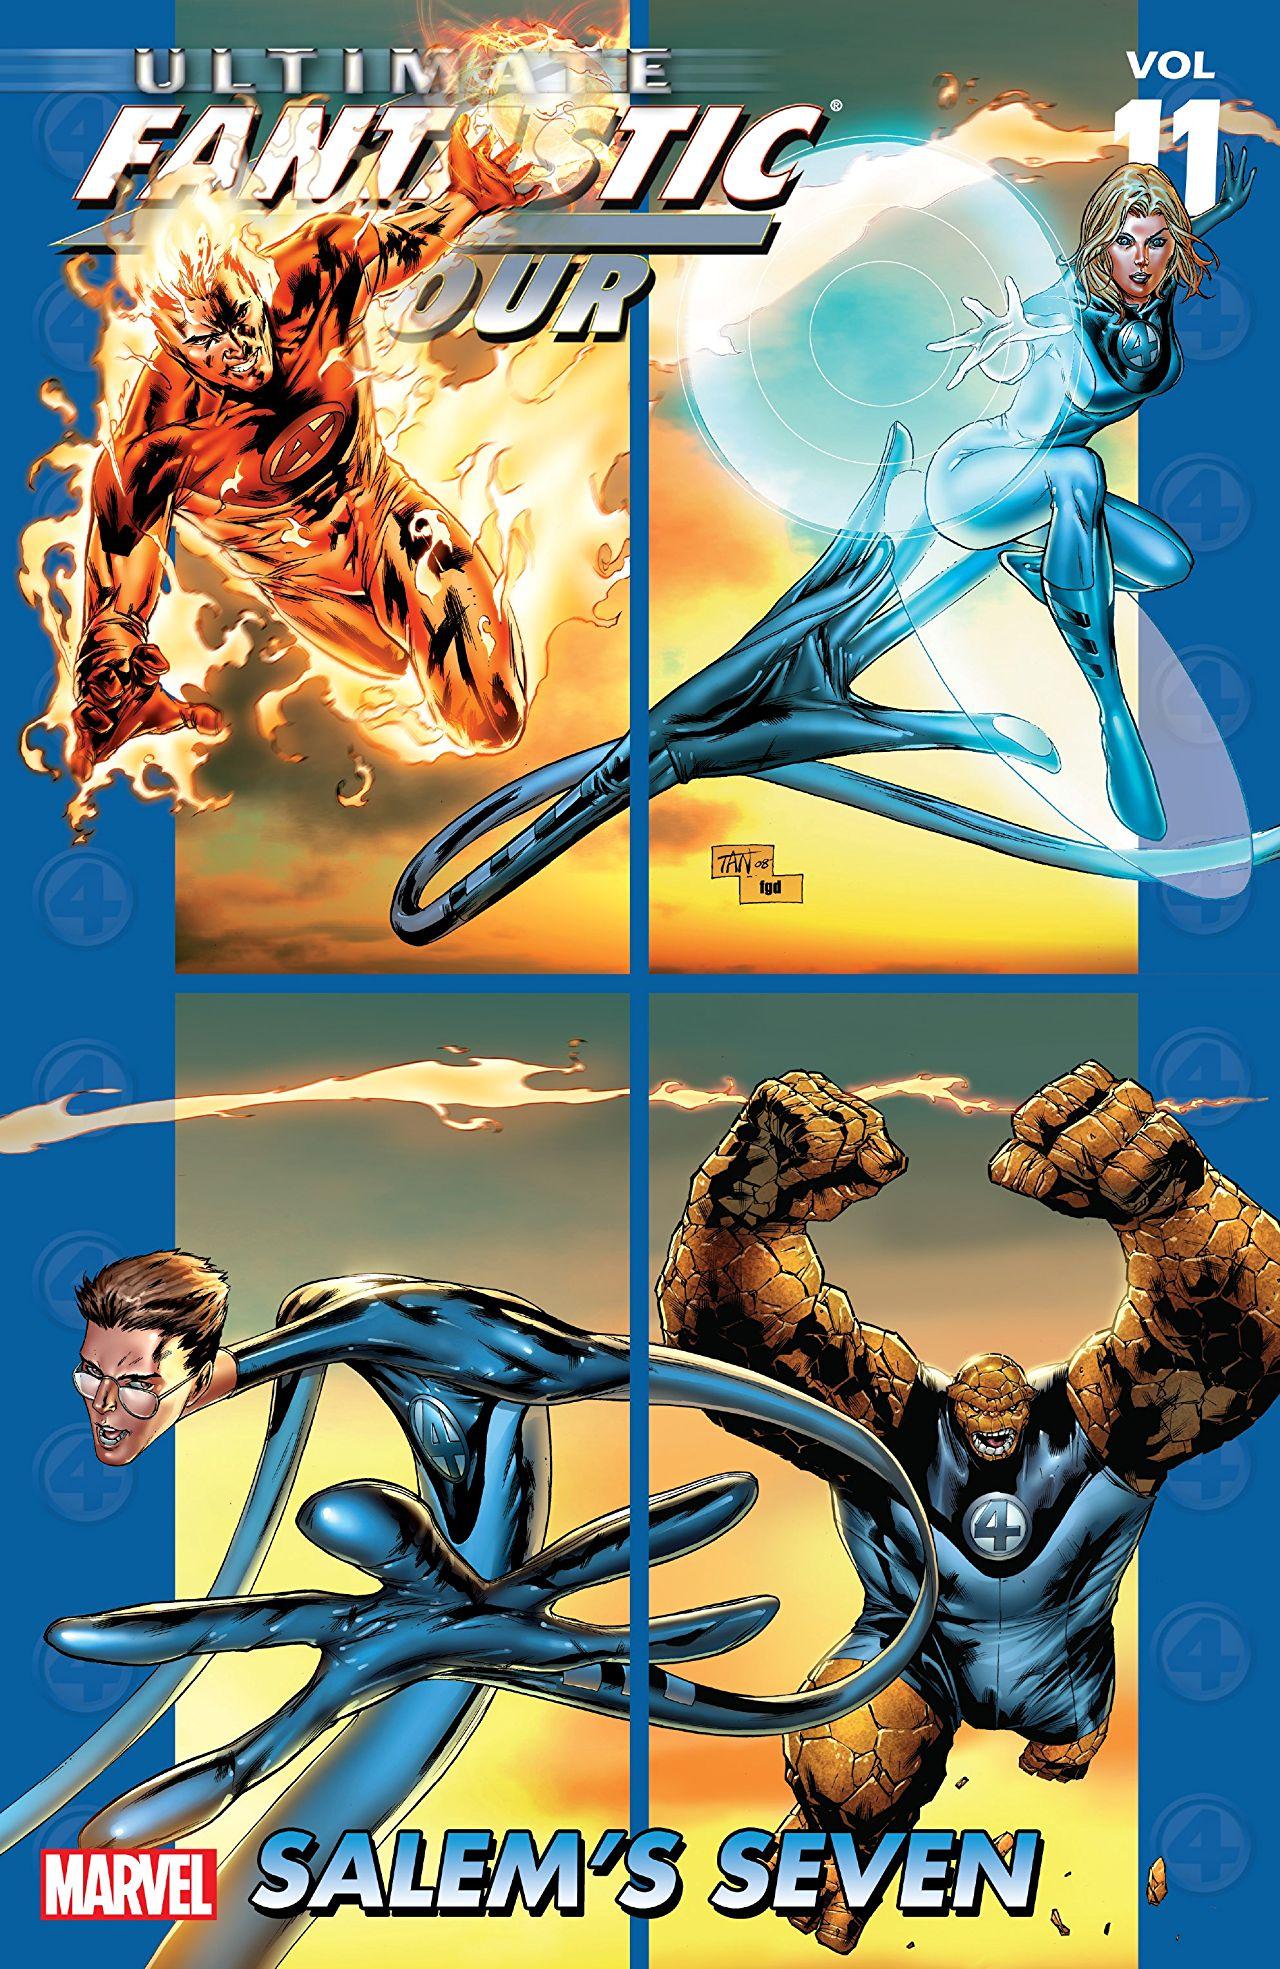 Ultimate Fantastic Four, Volume 11: Salem's Seven